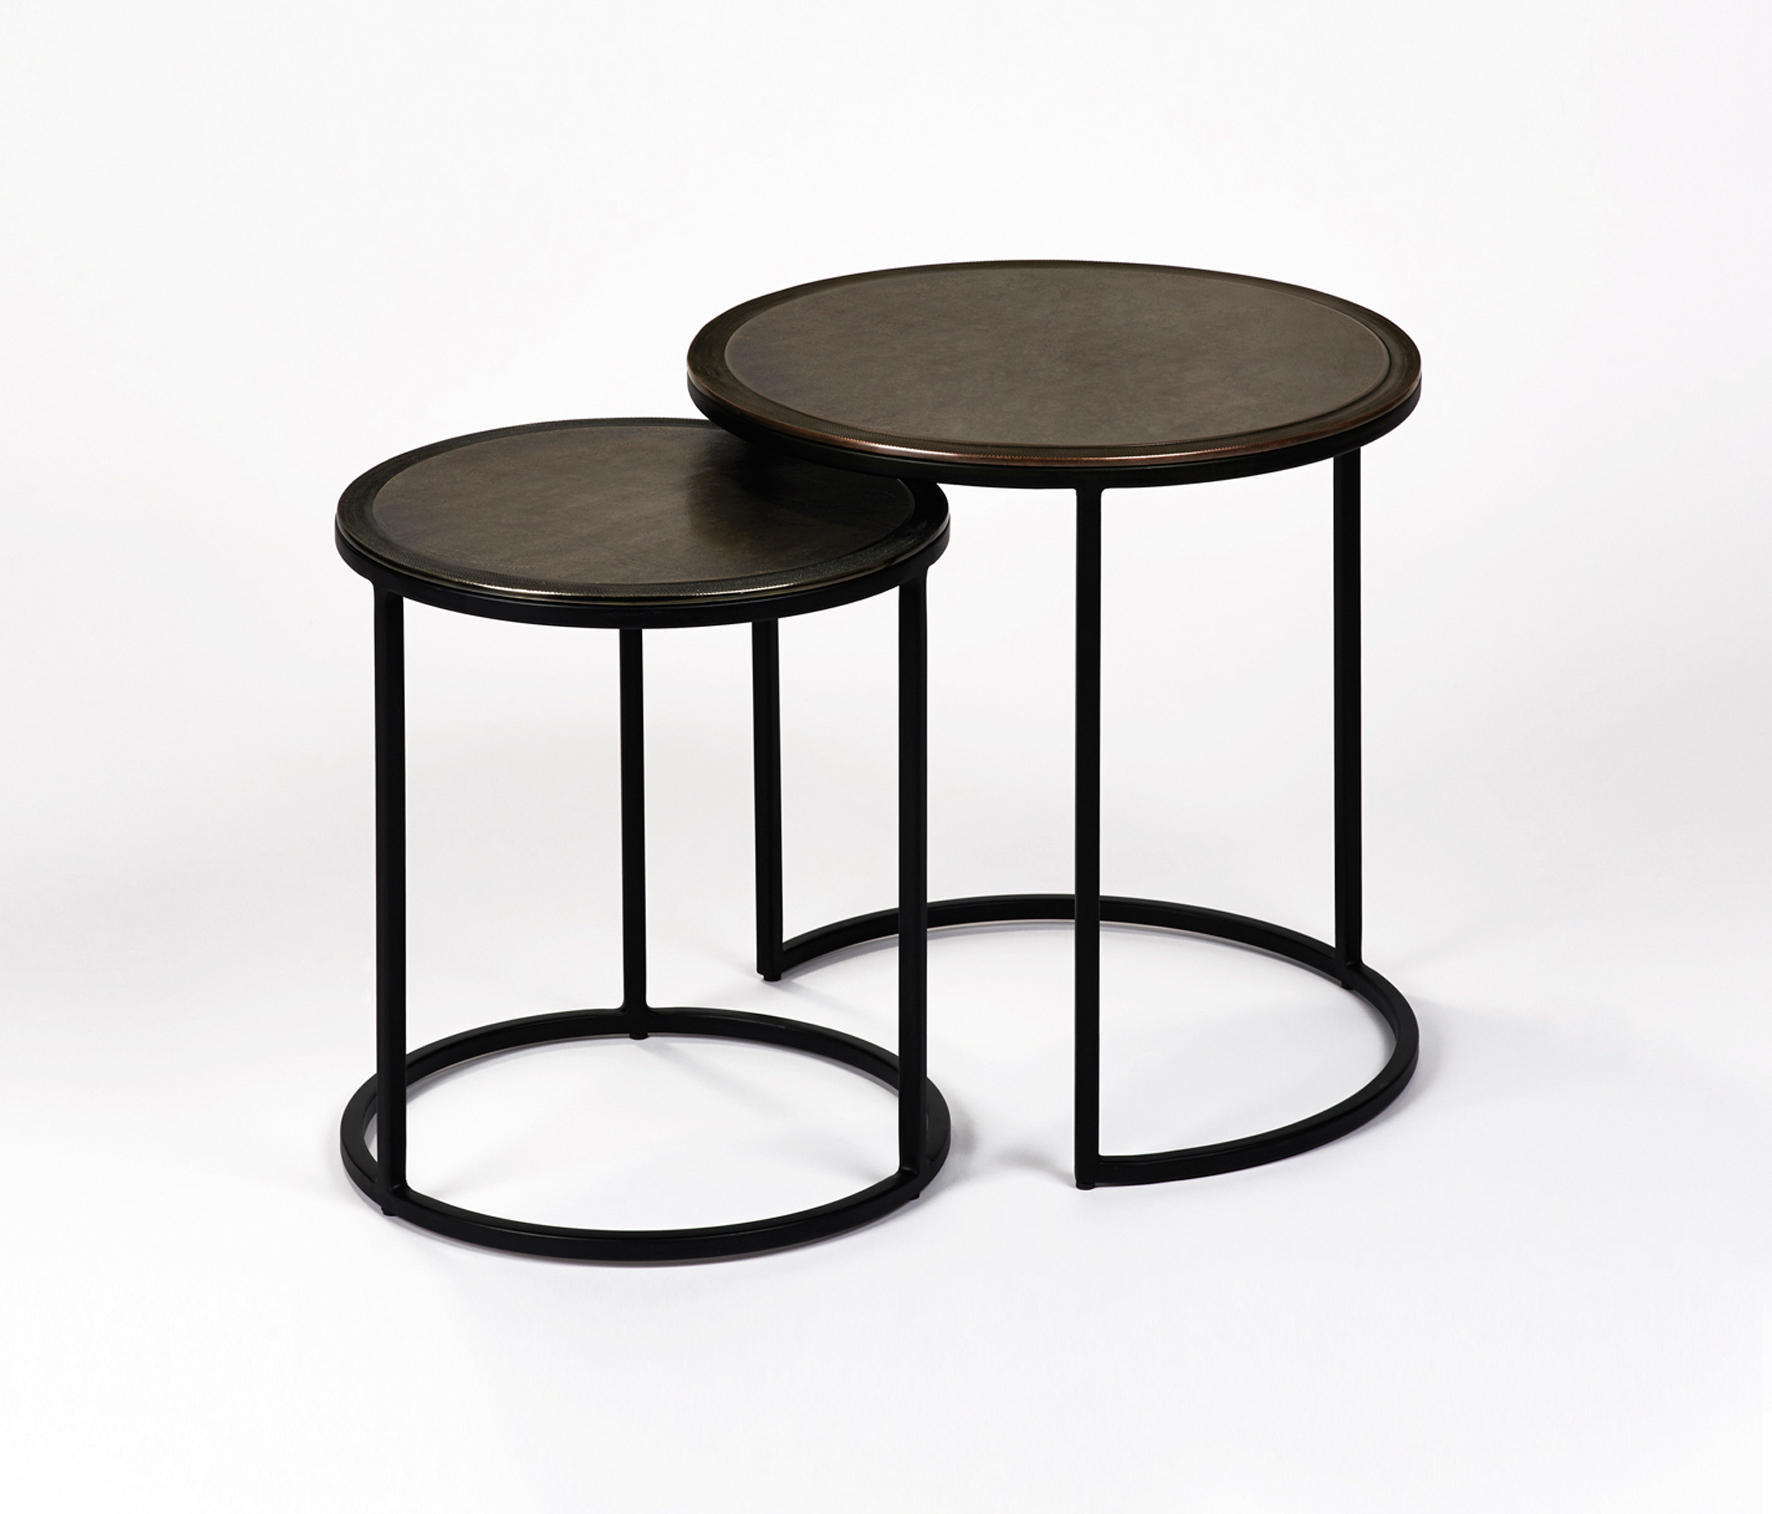 taku beistelltisch 2er satz satztische von lambert. Black Bedroom Furniture Sets. Home Design Ideas